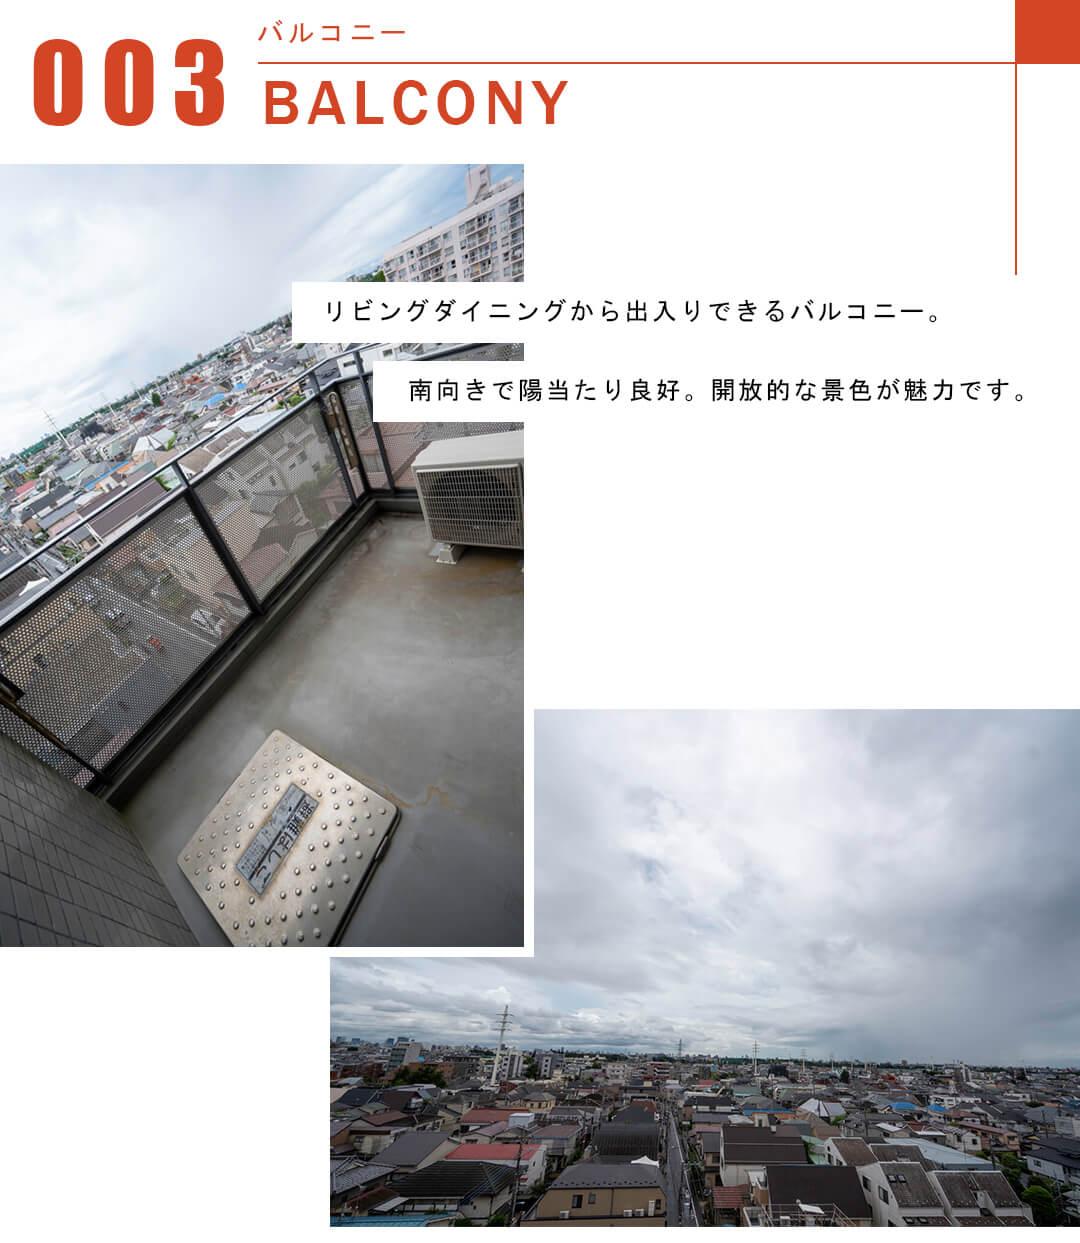 グランドメゾン高円寺のバルコニー